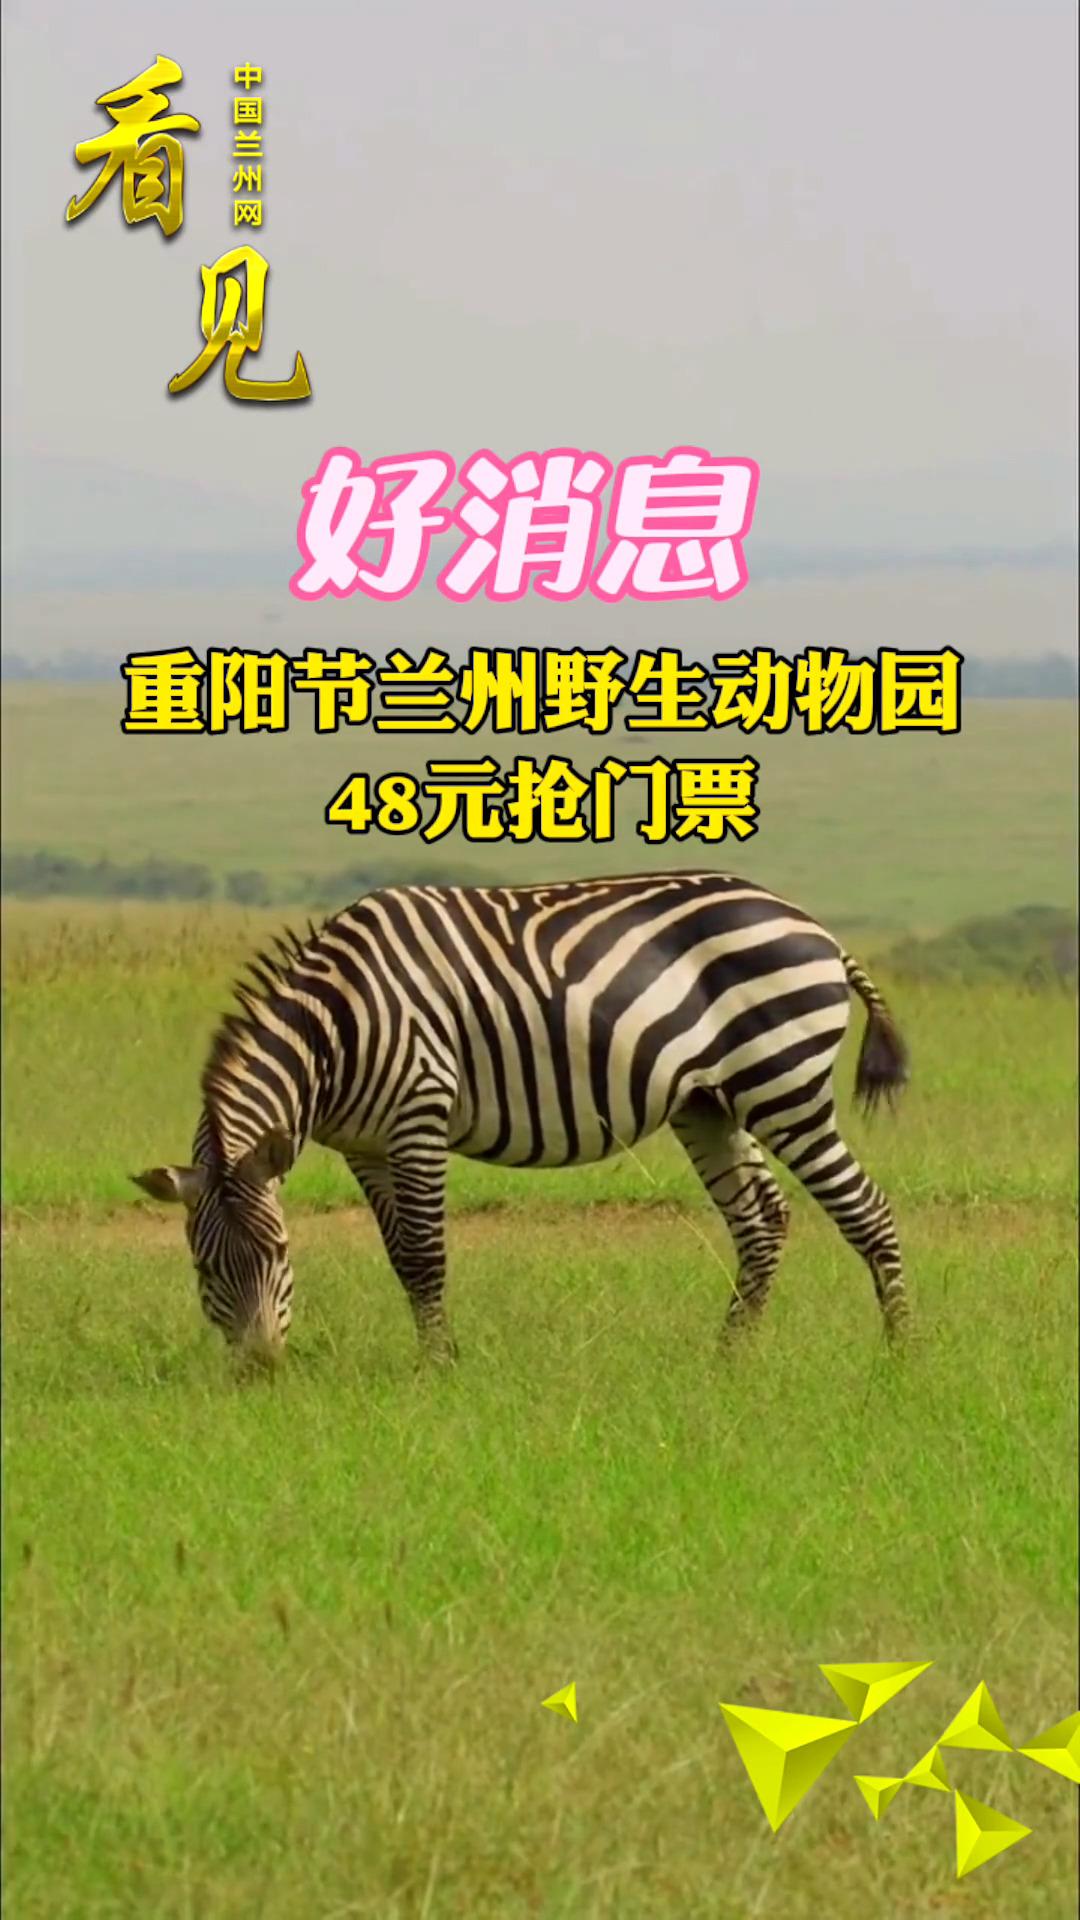 看� 重���mjia)菀吧 wu)�@(yuan)48元���T票